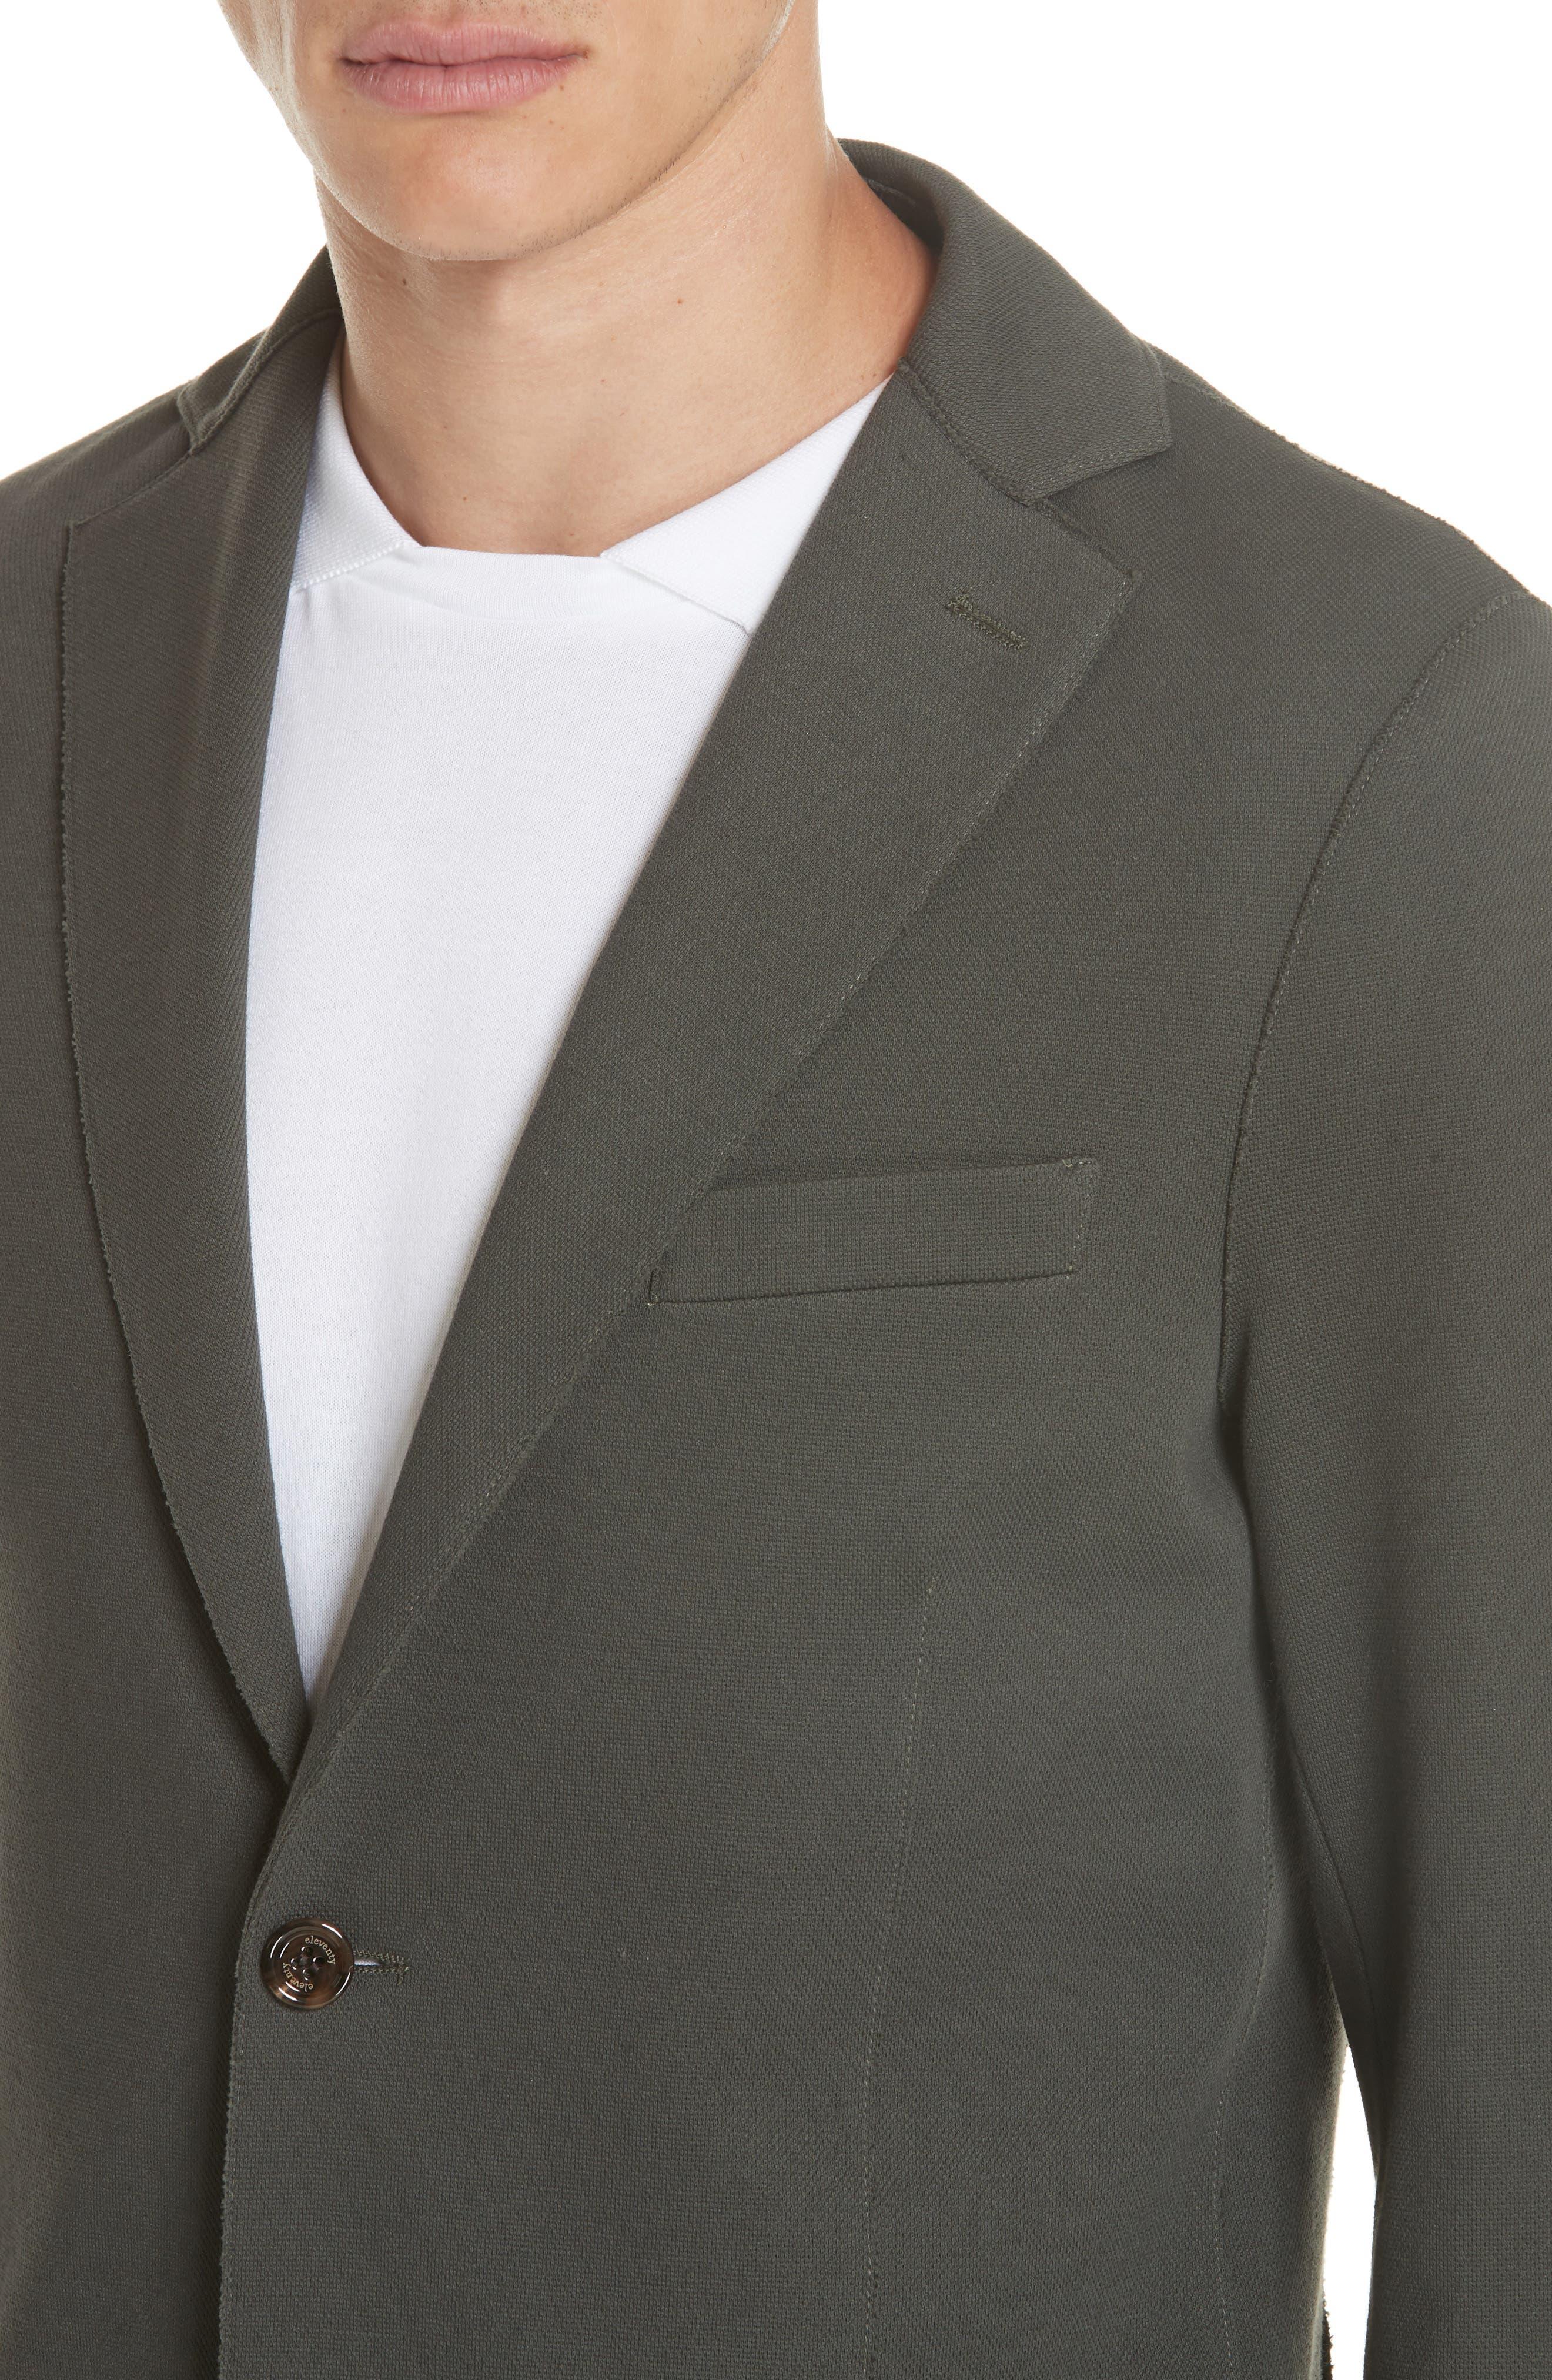 Trim Fit Stretch Cotton Blend Blazer,                             Alternate thumbnail 4, color,                             Sage